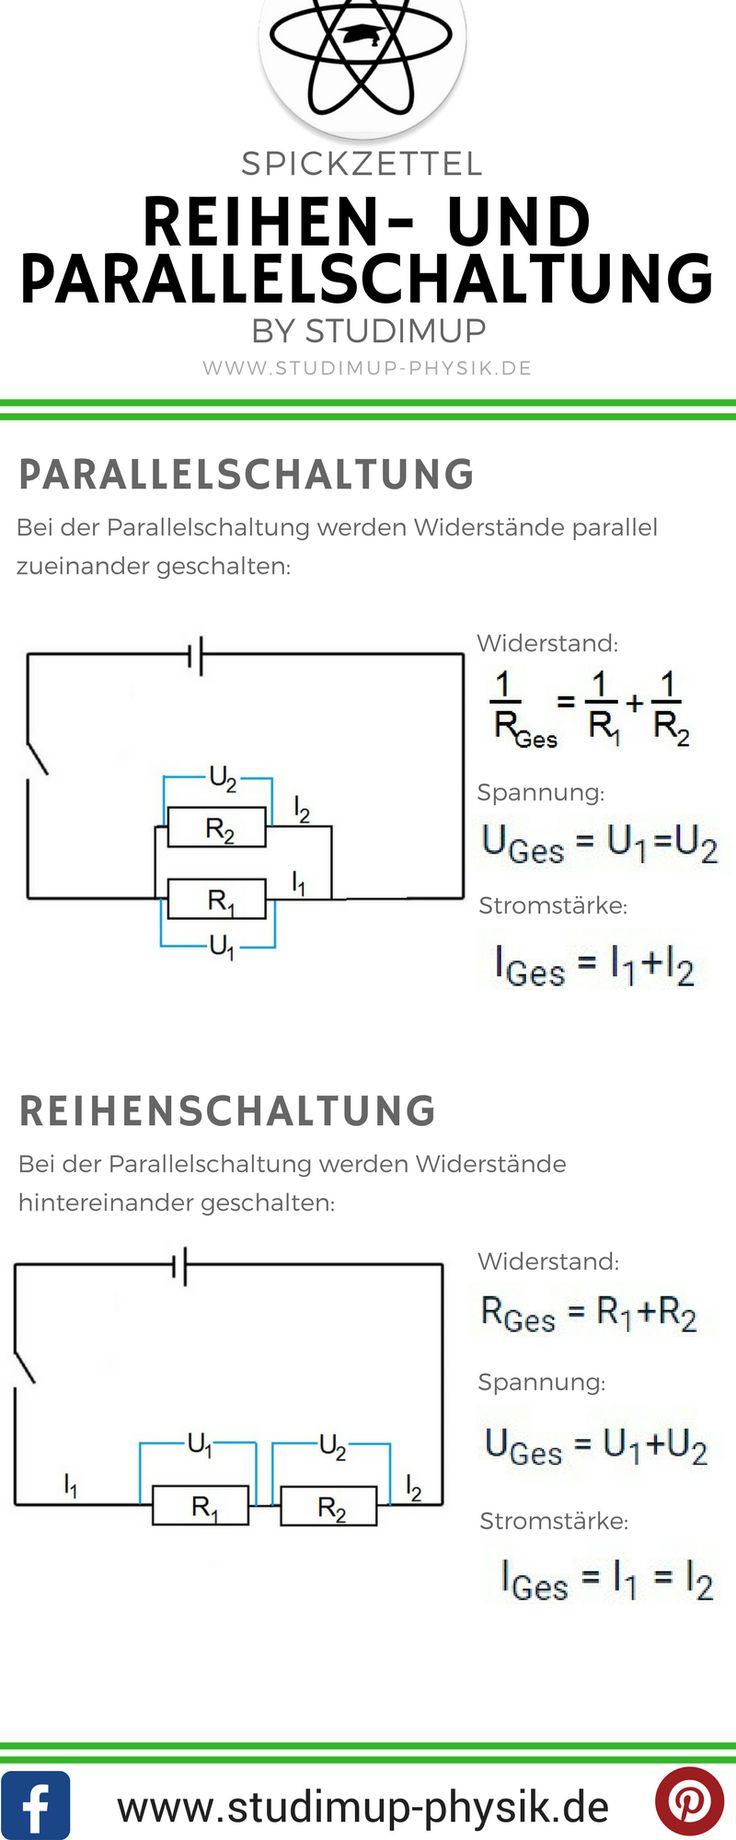 Rechnen in Stromkreisen, also Reihenschaltung und Parallelschaltung. Dabei die Formeln für Widerstand, Spannung und Stromstärke. Spickzettel für Physik in der Schule.